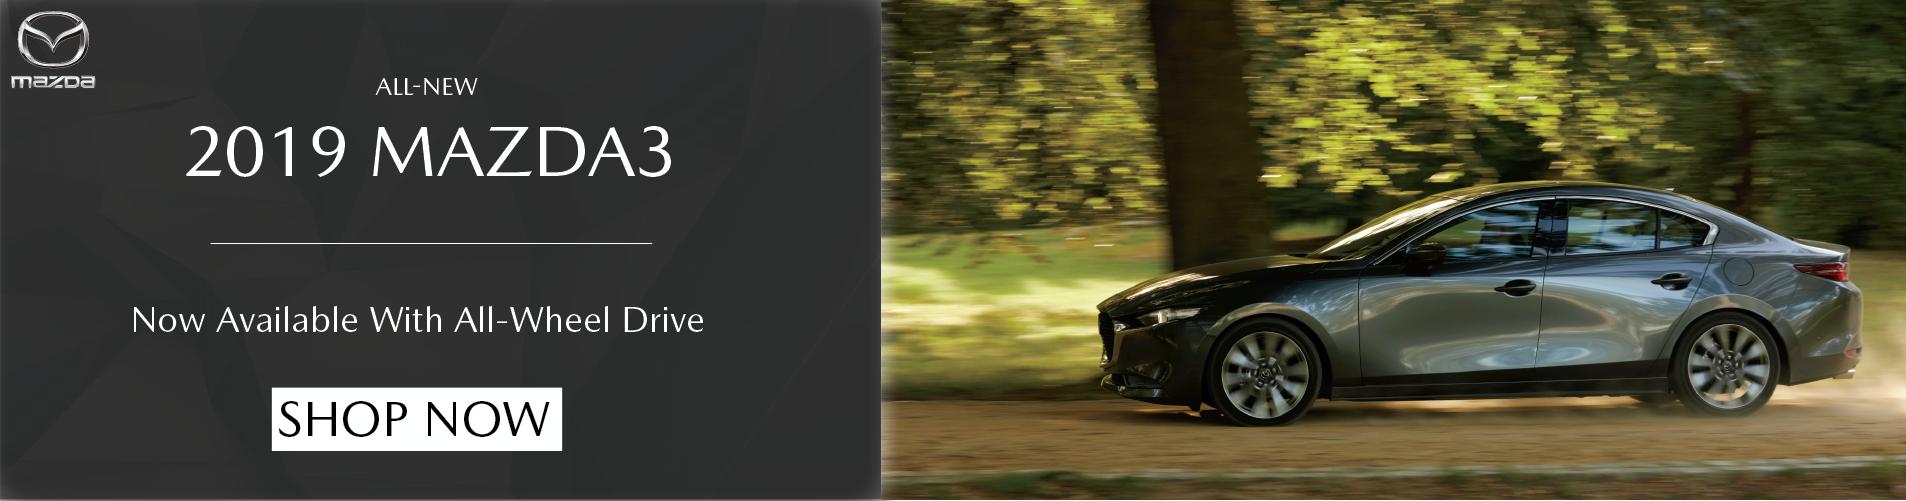 Mazda3 banner (Conor - Shift)